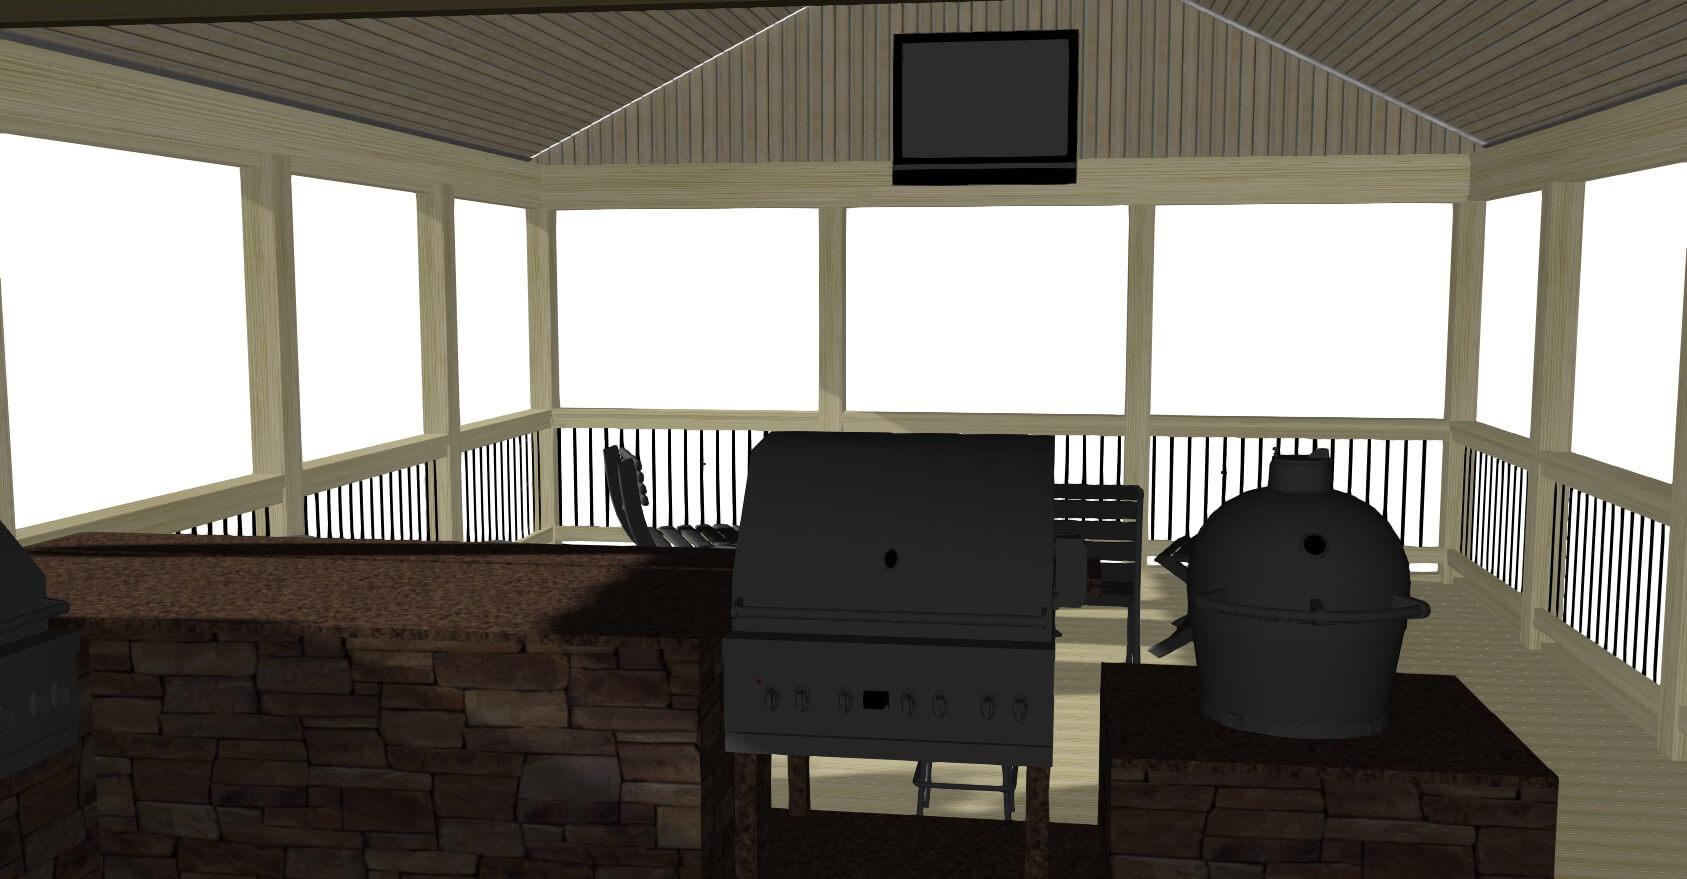 Porch with outdoor kitchen design